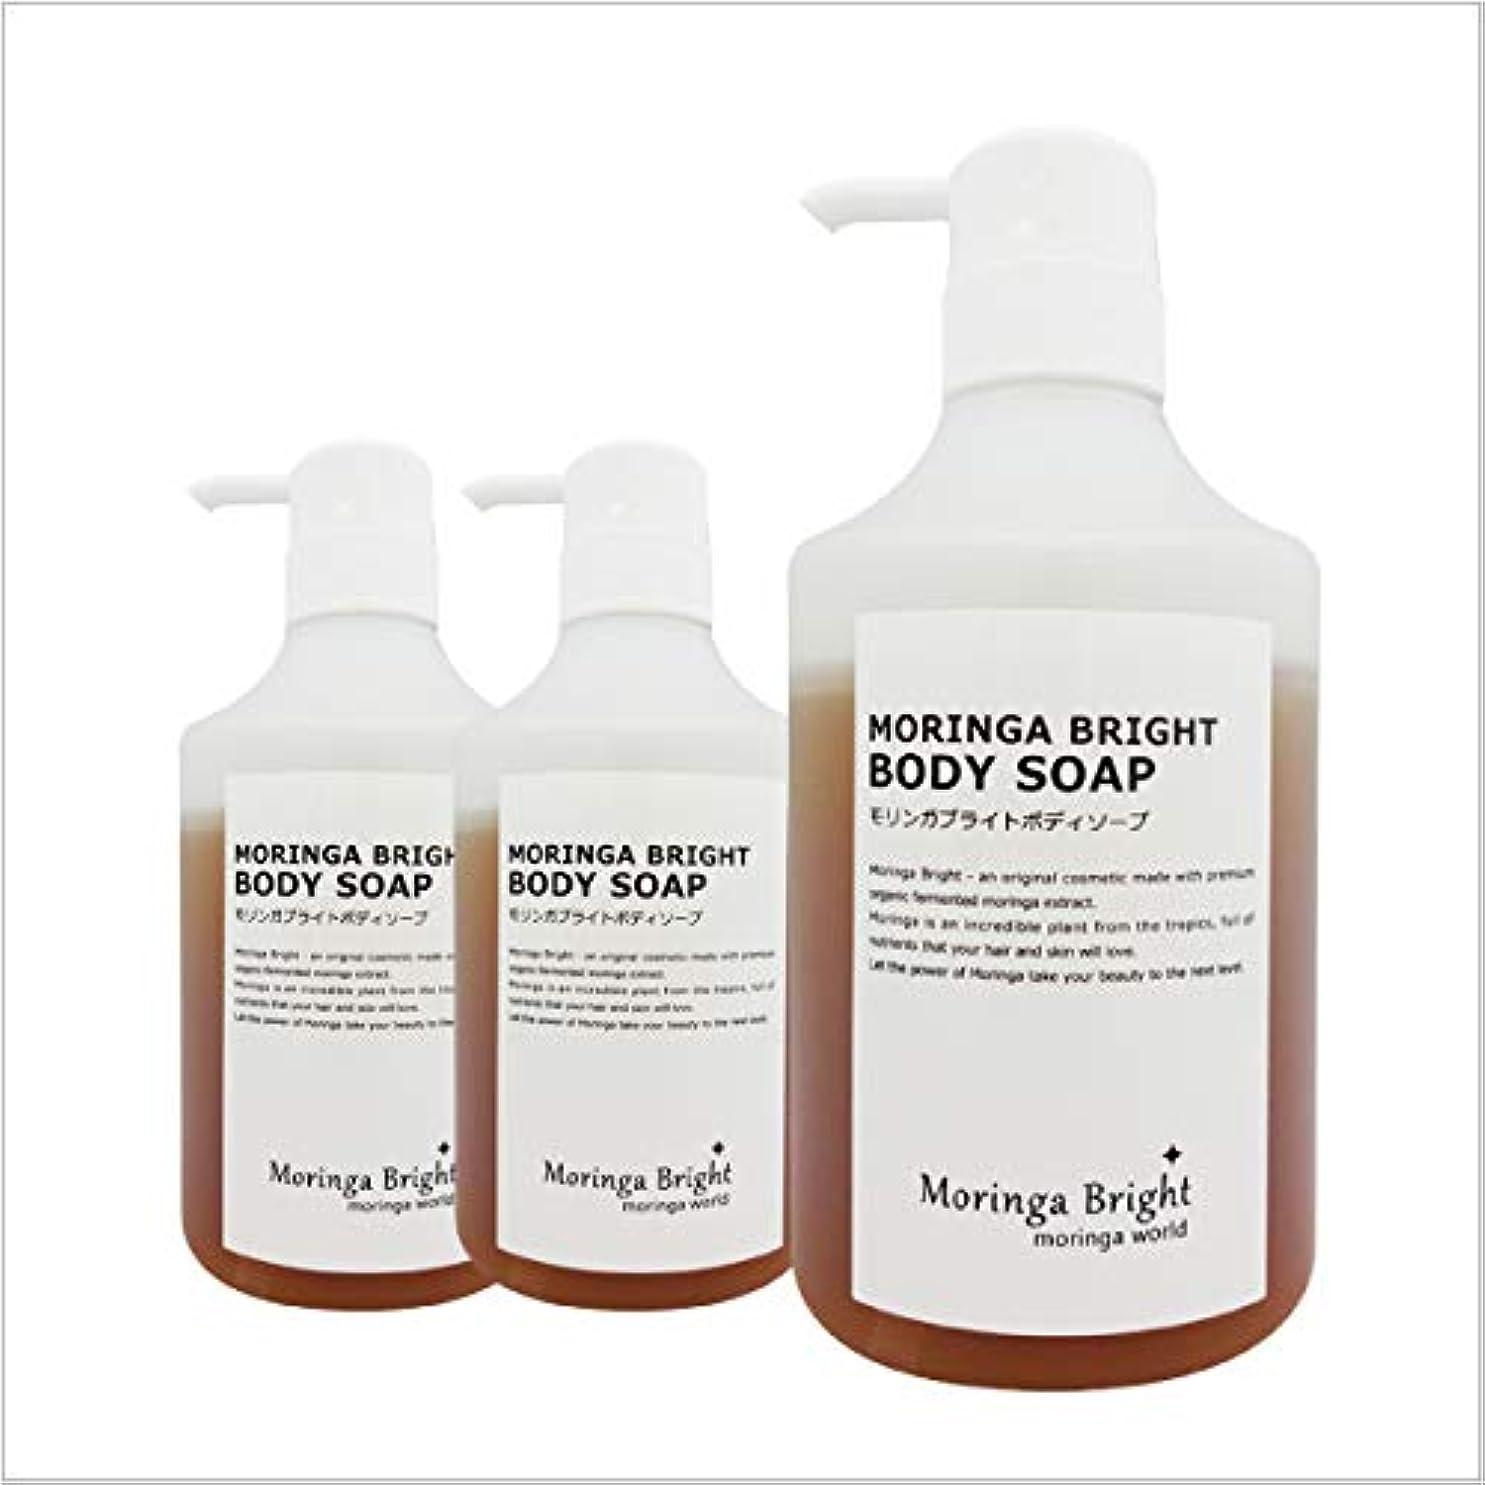 段階メインスノーケルモリンガブライトボディソープ(450ml x 3本)洗顔もできる無添加ボディソープ オーガニックモリンガを乳酸発酵させた保湿美容成分「発酵モリンガエキス」配合」